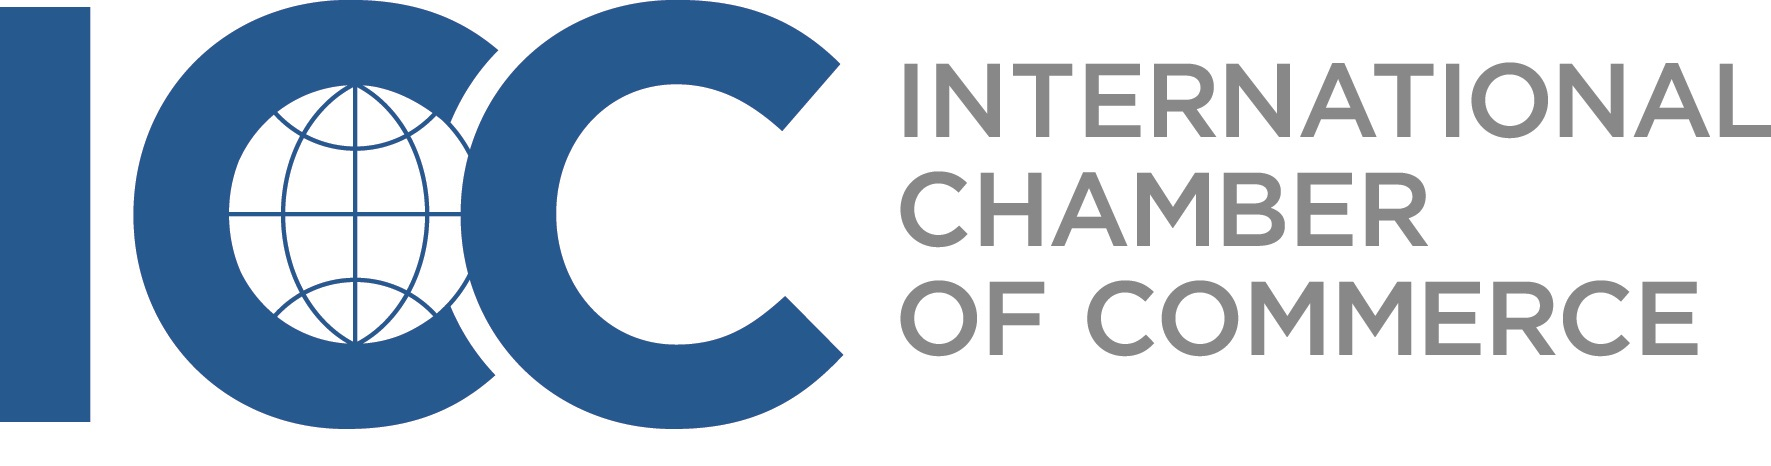 Formation les r gles incoterms 2010 de la chambre de - Chambre internationale de commerce ...